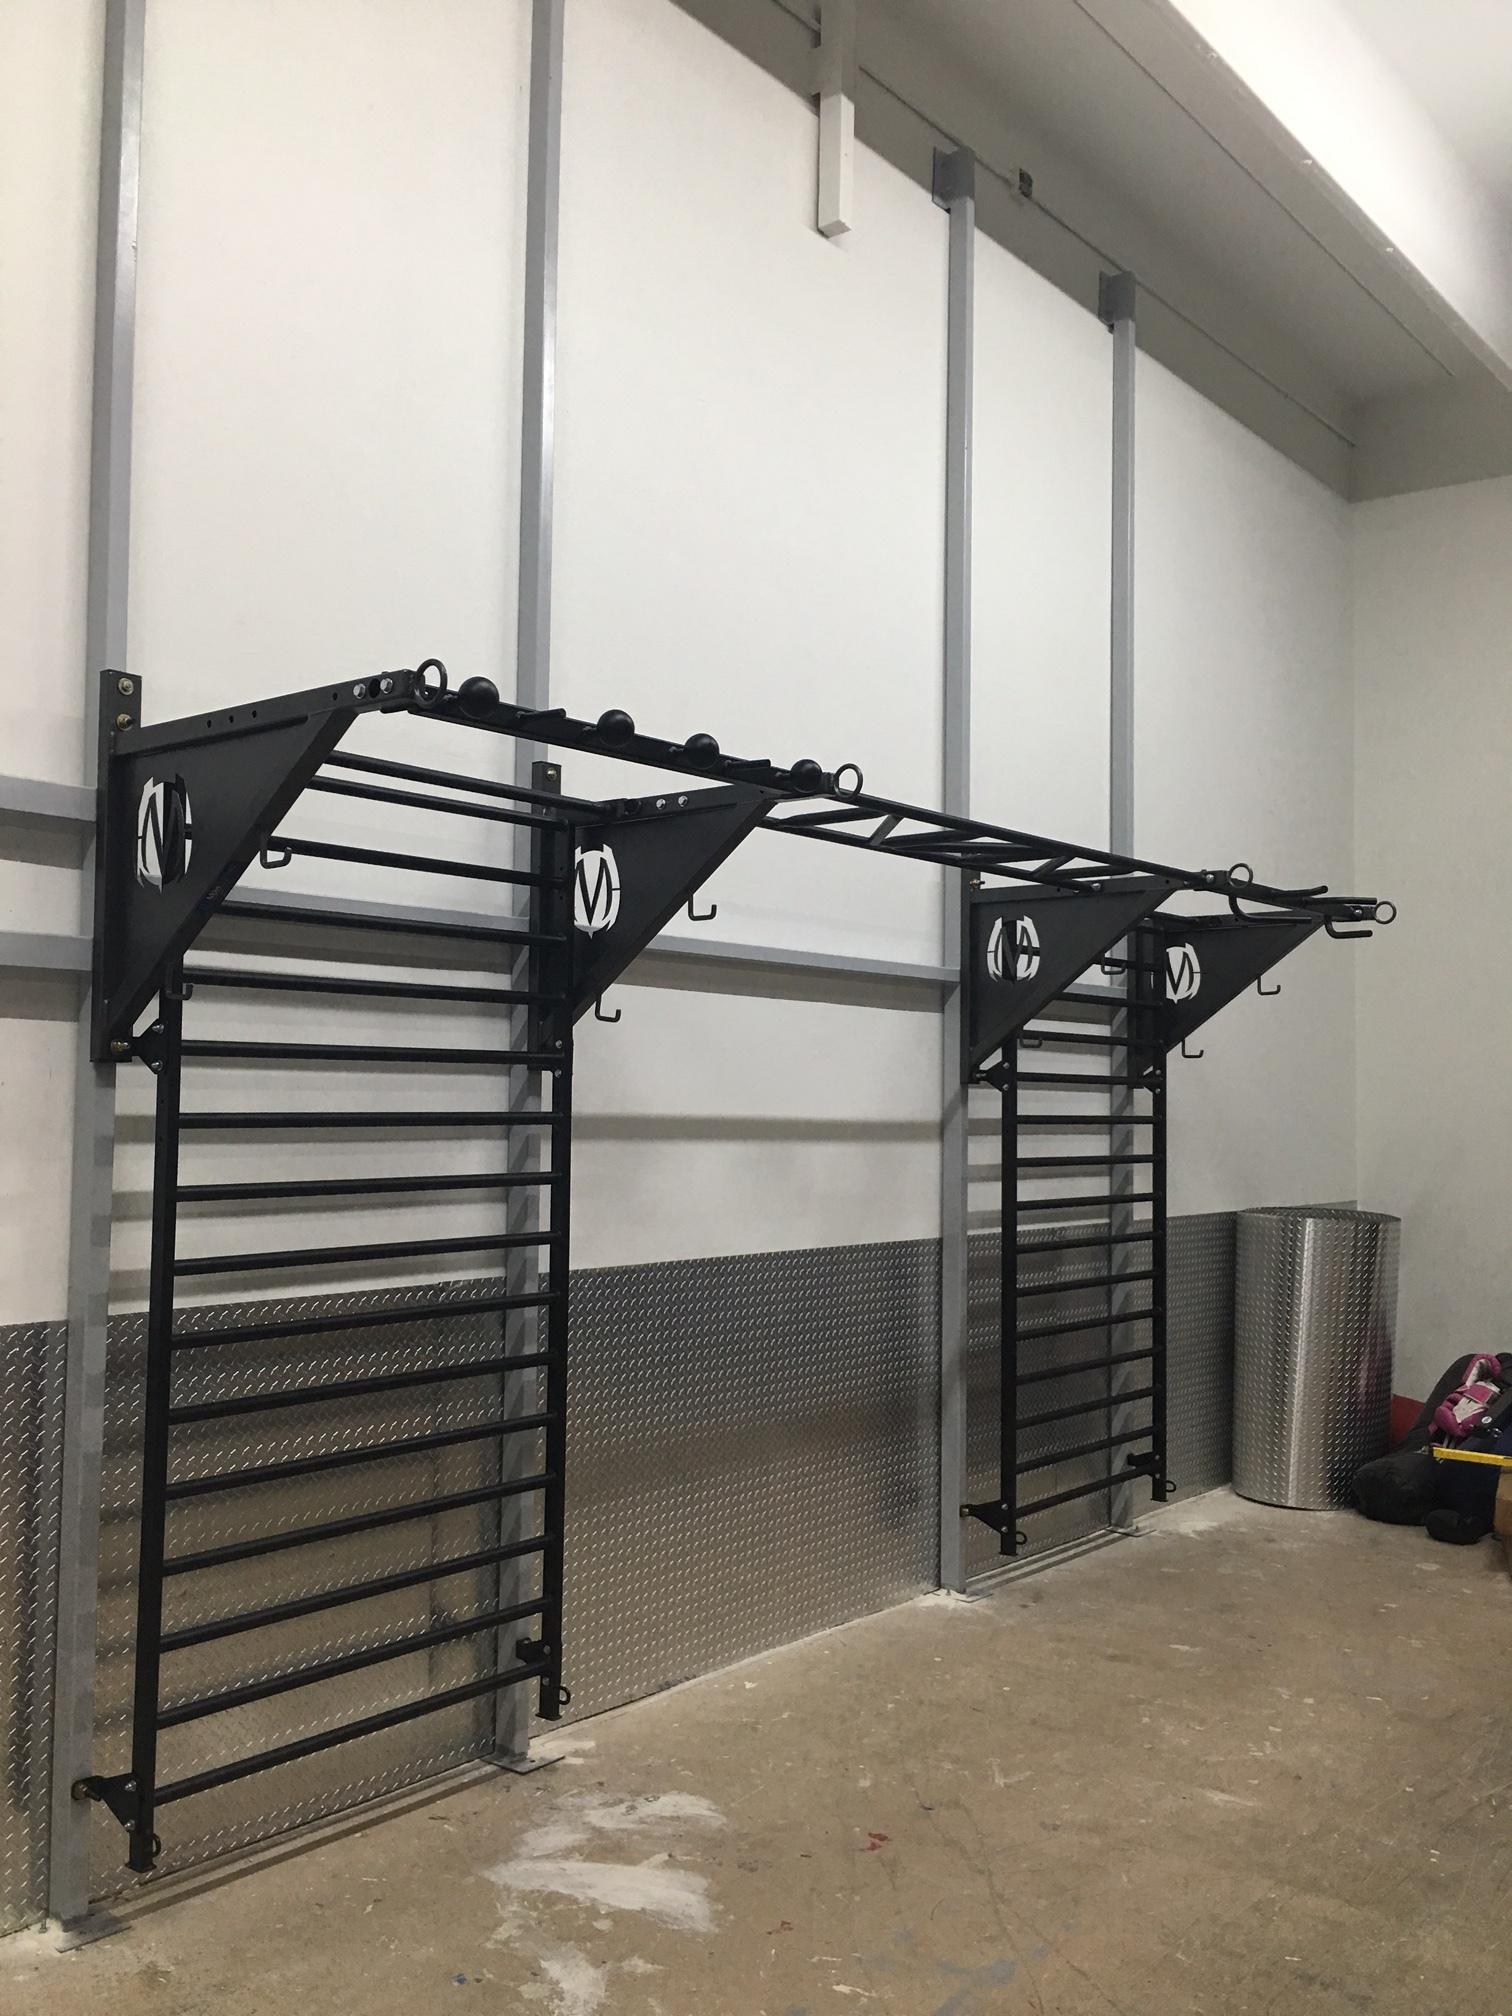 Boca Raton GYm_pull-up bracket system Stall bars-all Black.JPG